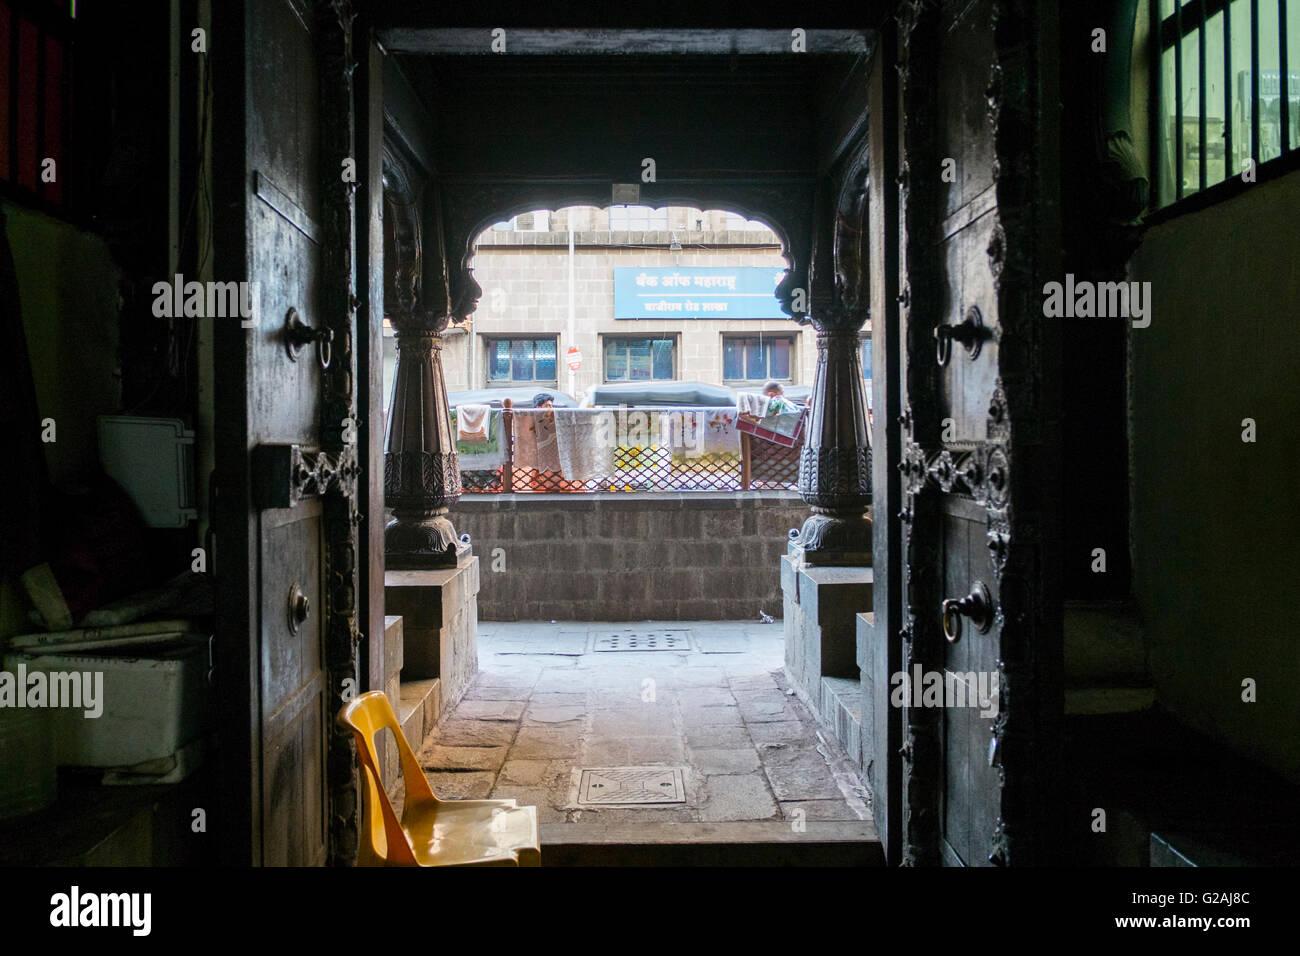 La porte de l'Ama Vishrambaug à Pune, Maharashtra, Inde. Banque D'Images